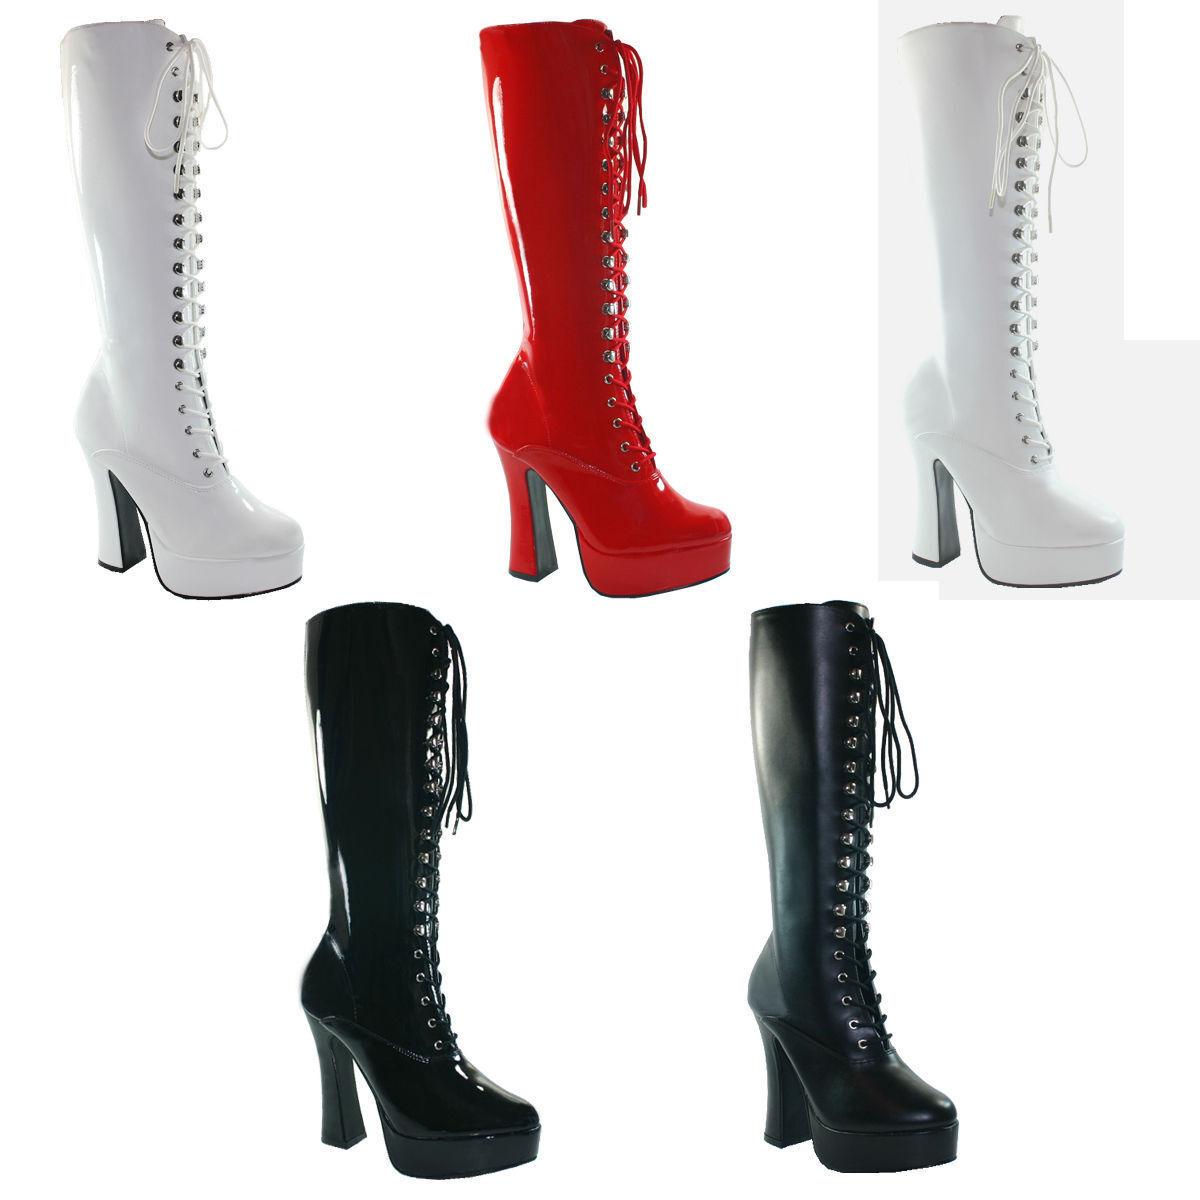 Zapatos de mujer baratos zapatos de robusta mujer Electra - 2020 robusta de Pleaser tacón alto plataforma botas charol símil cuero GR 36-47 13d2ad